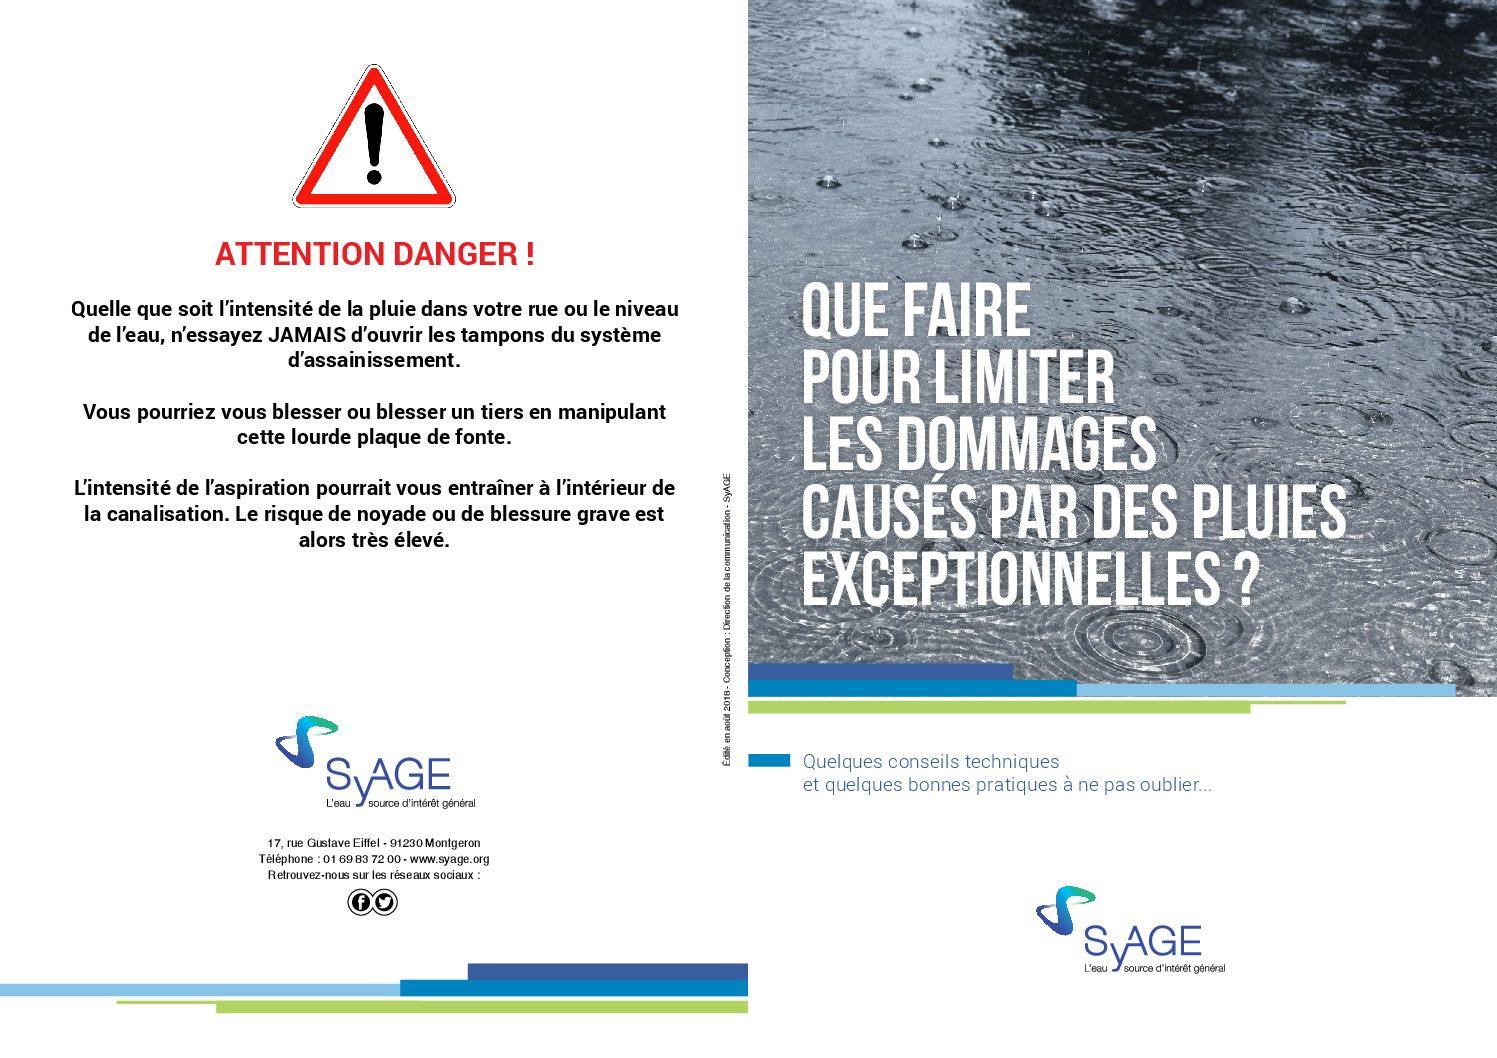 Que faire pour limiter les dommages causés par des pluies exceptionnelles ?